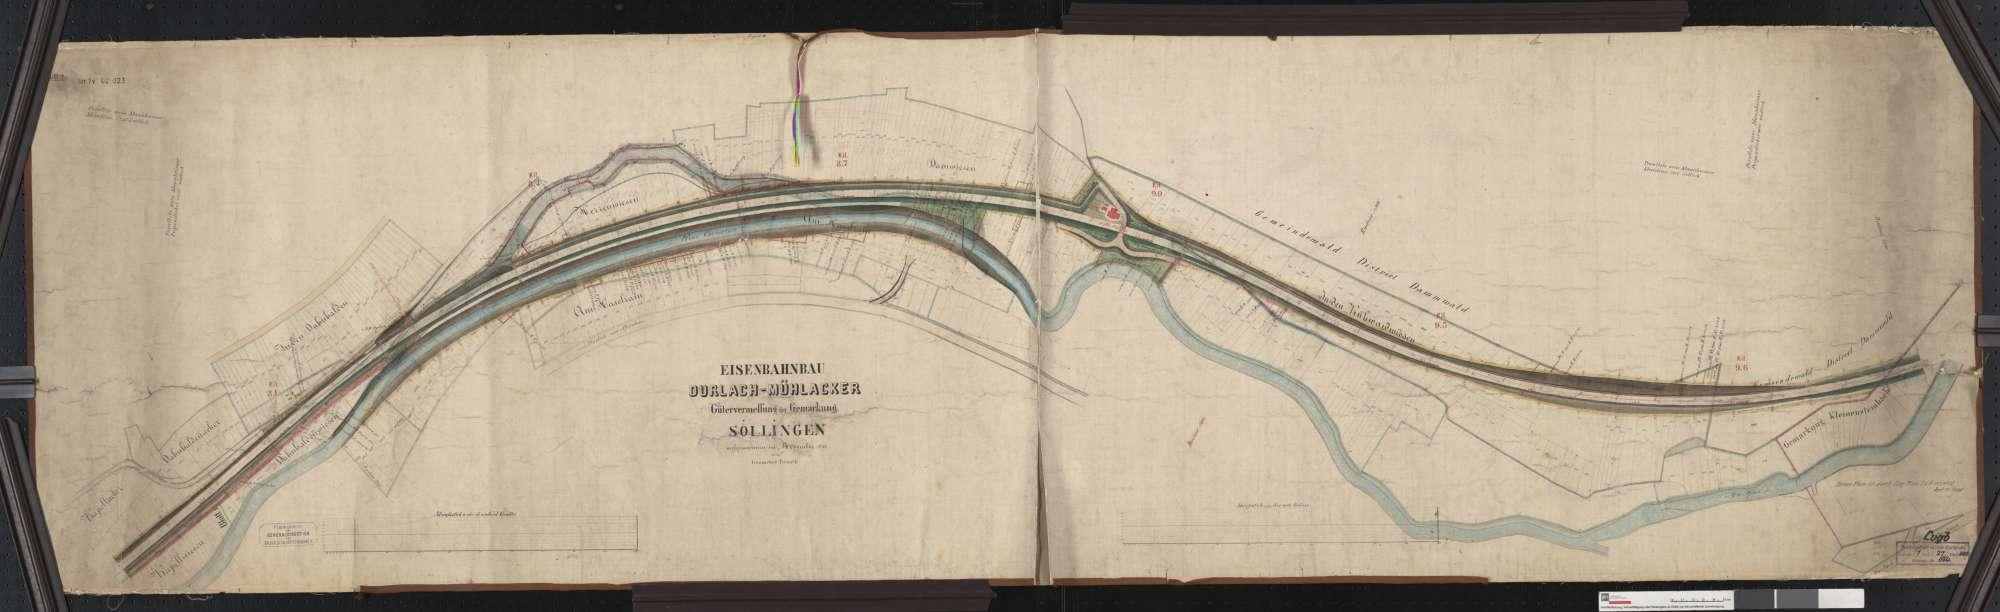 Gütervermessung der Bahn von Durlach bis Mühlacker: Gemarkung Söllingen Streckenausschnitt: 7,9 bis 9,7 km, Bild 1